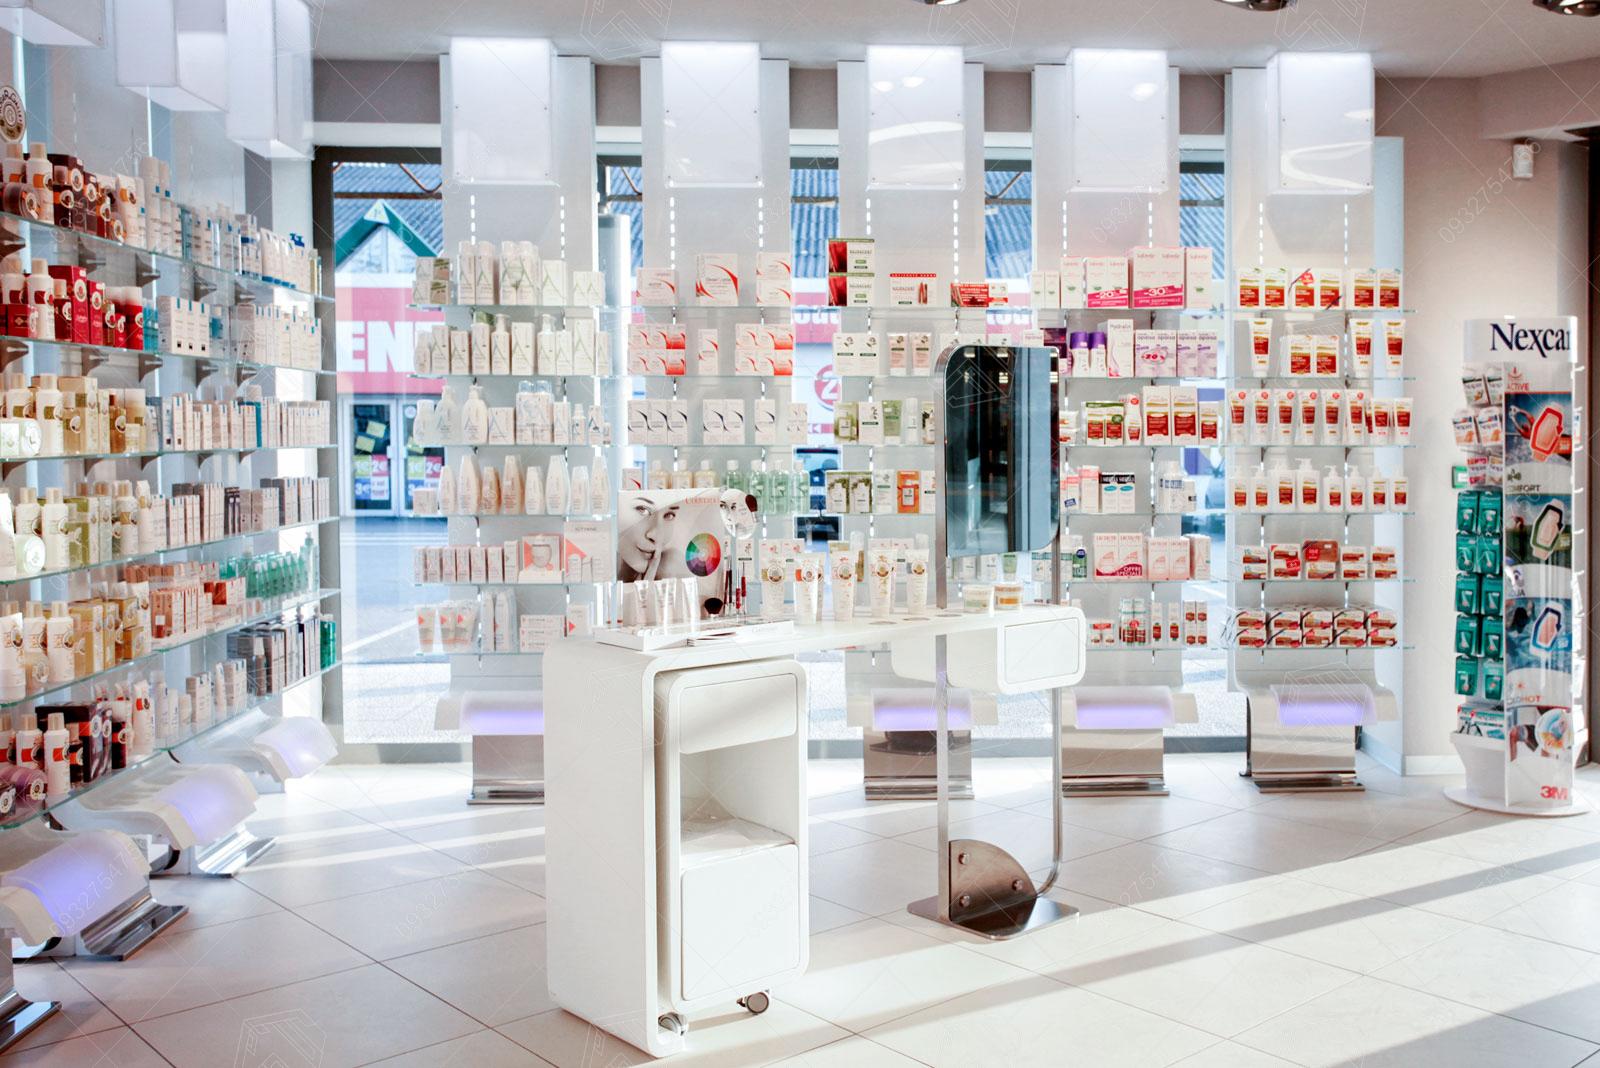 thiết kế quầy mỹ phẩm ở trung tâm thương mại